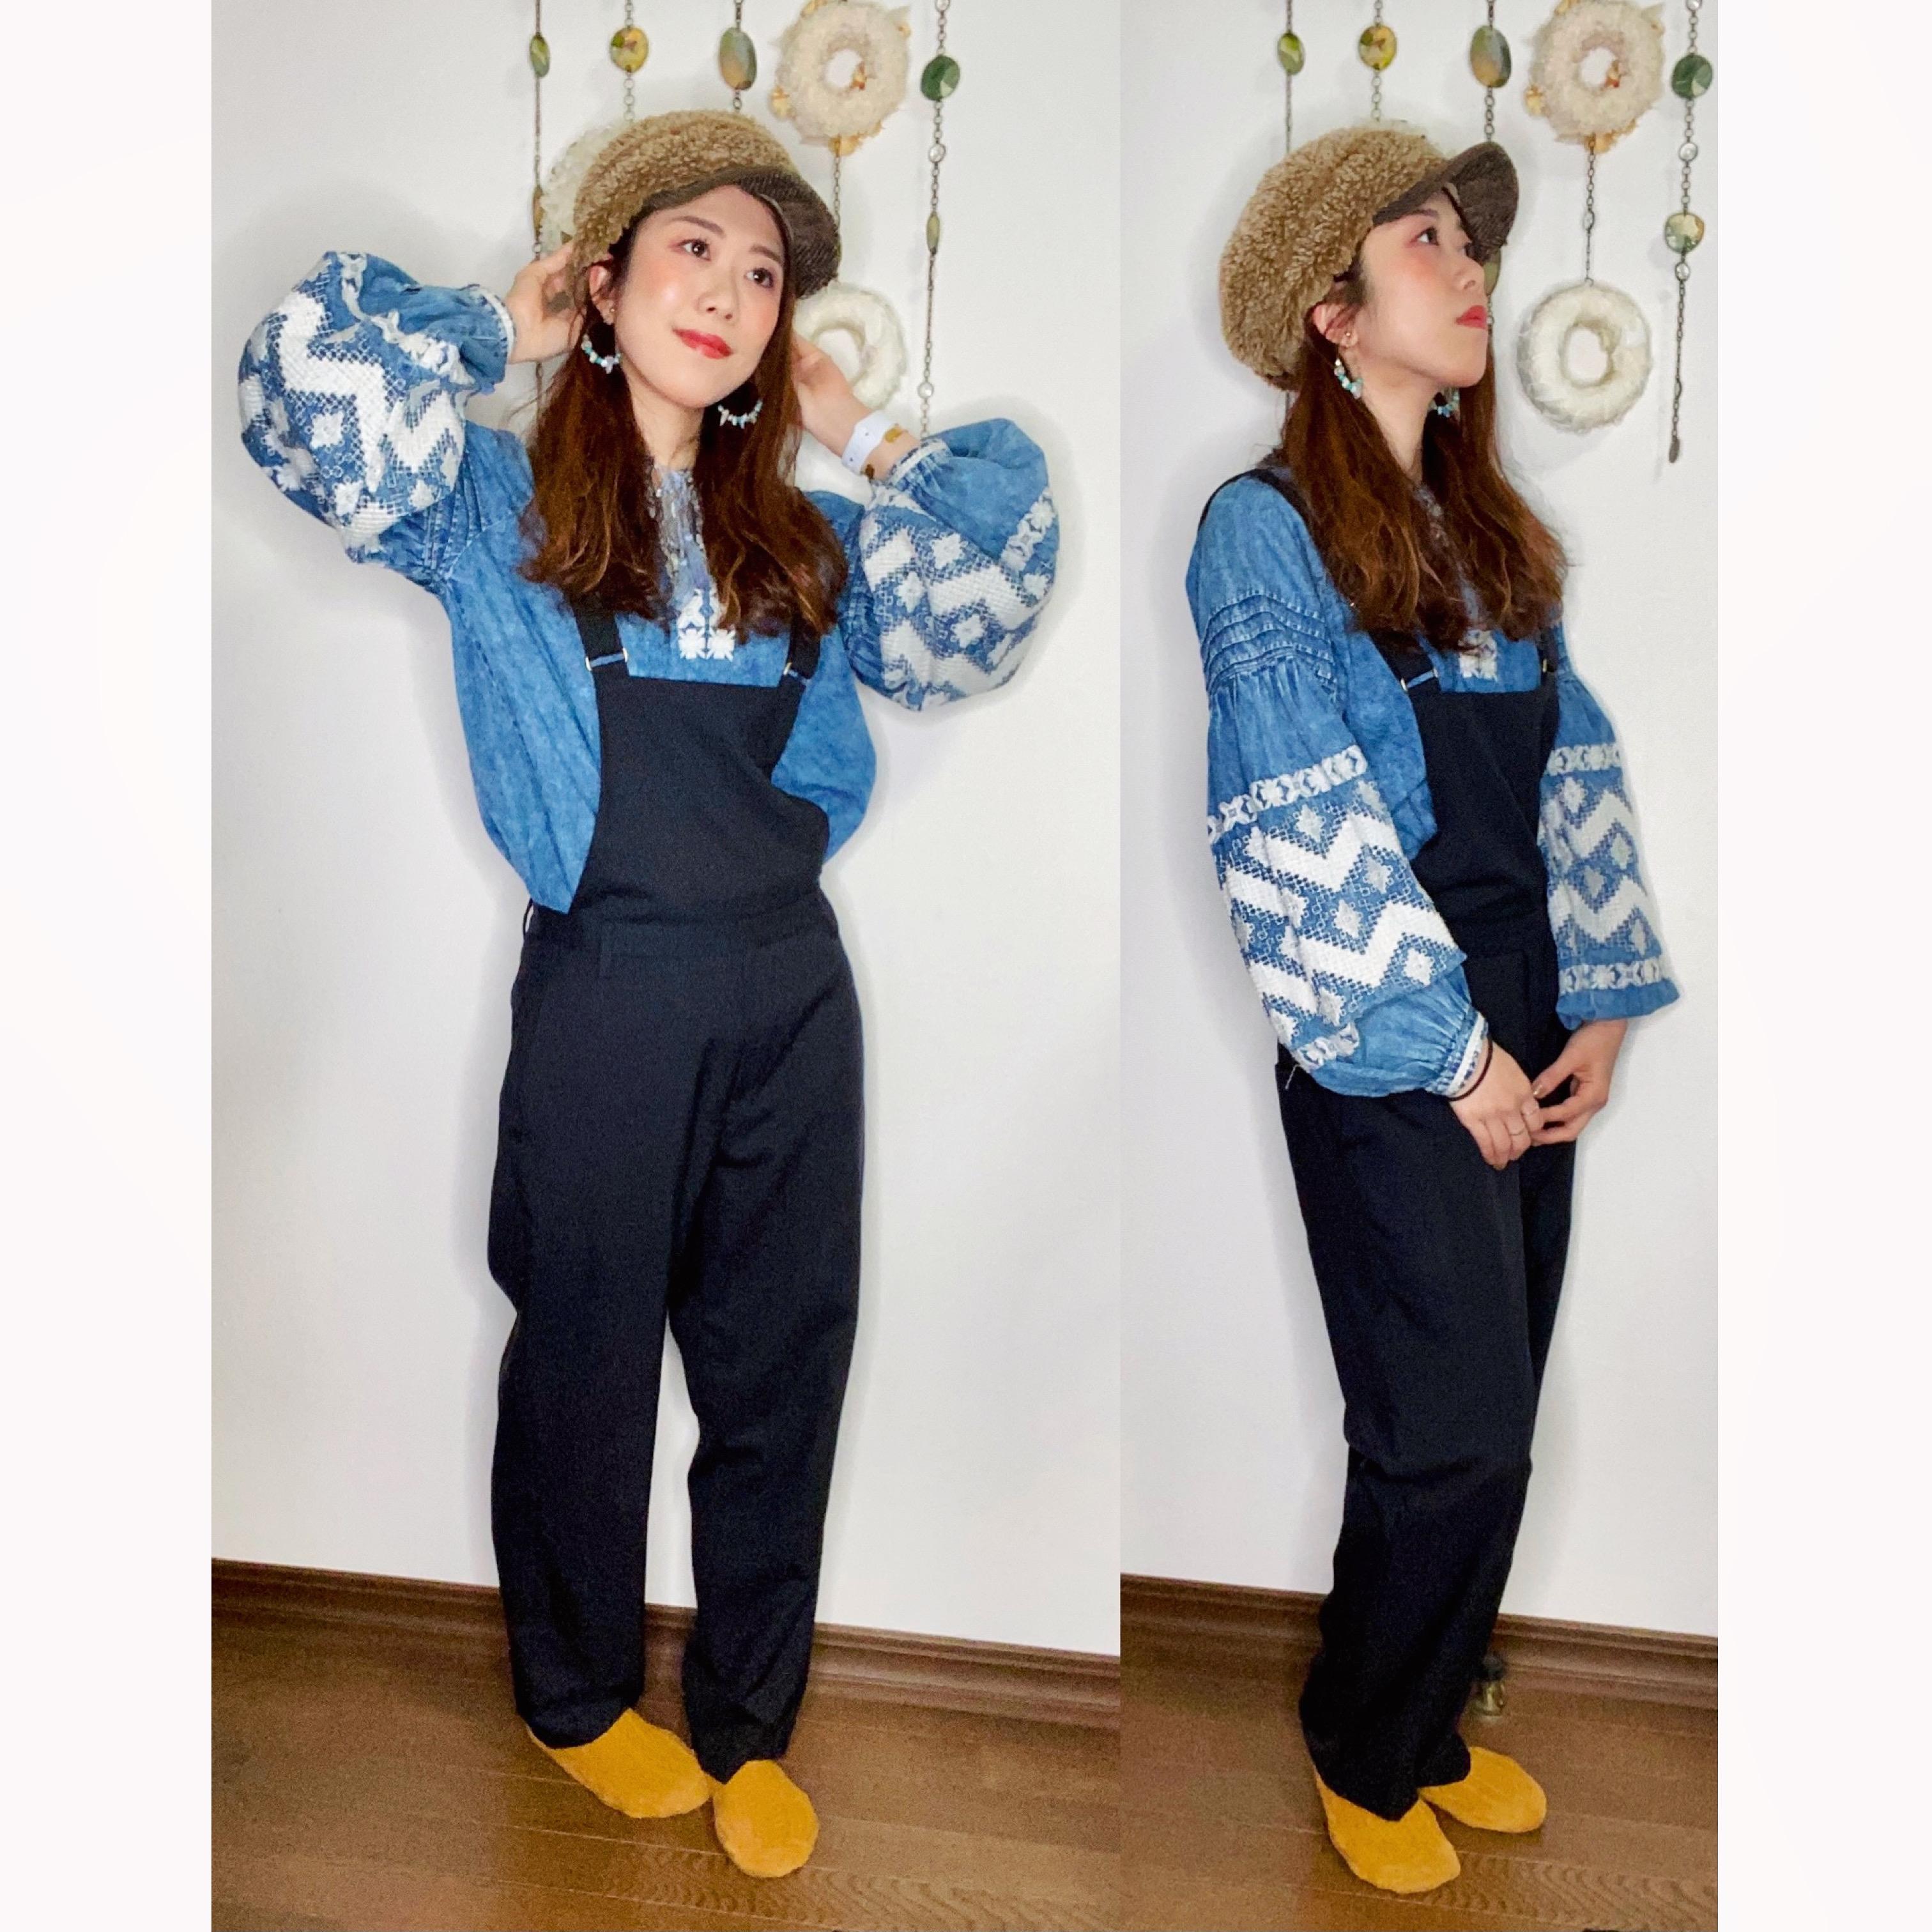 【オンナノコの休日ファッション】2020.11.21【うたうゆきこ】_1